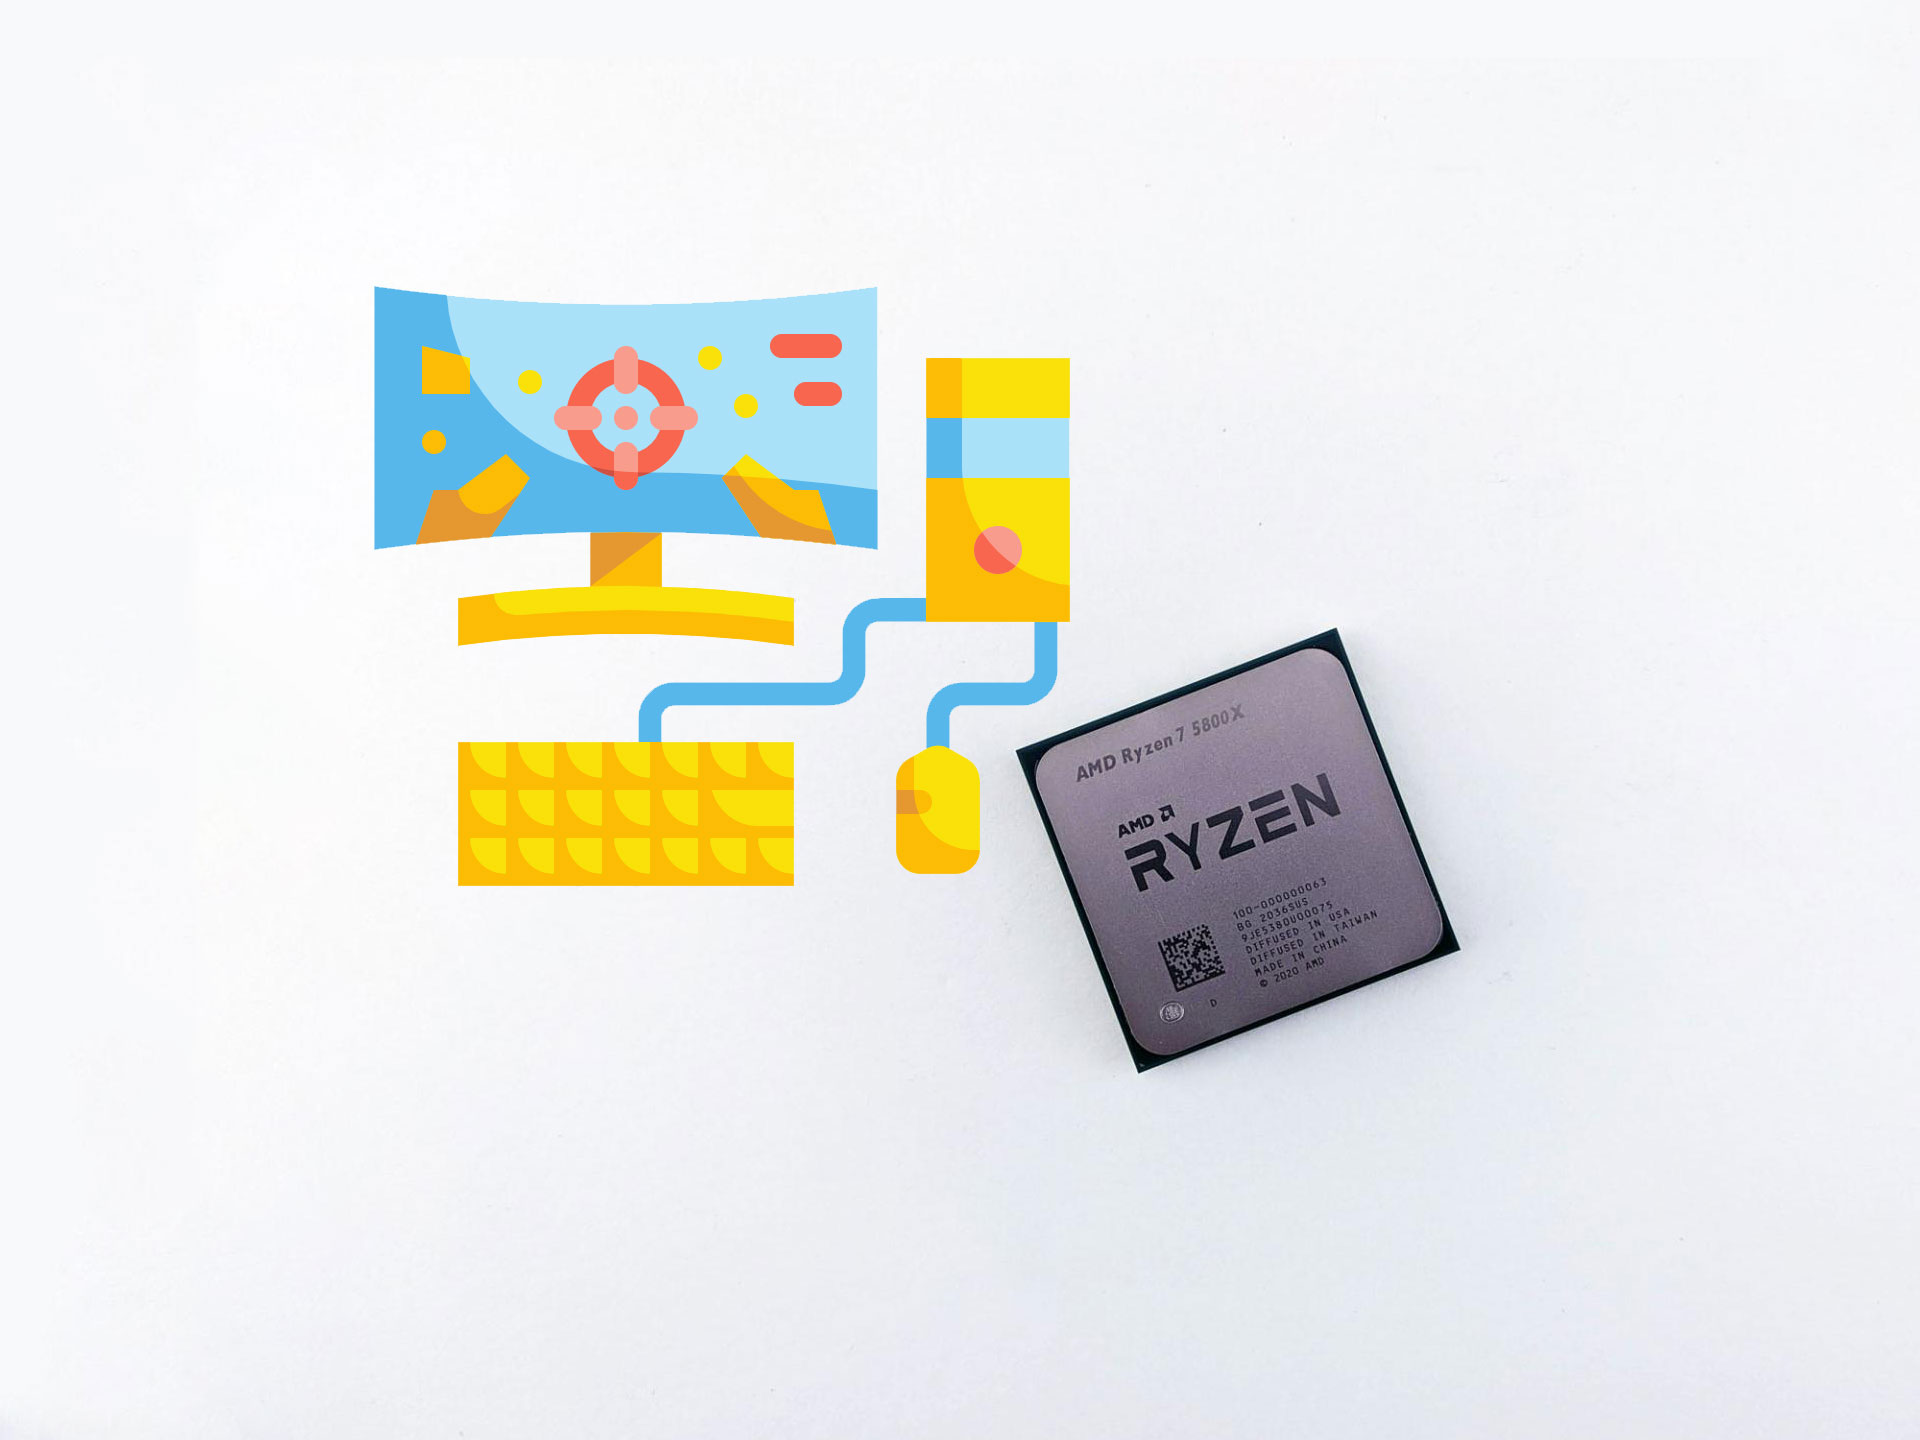 Что может AMD Ryzen 7 5800X: тестирование в 29 играх